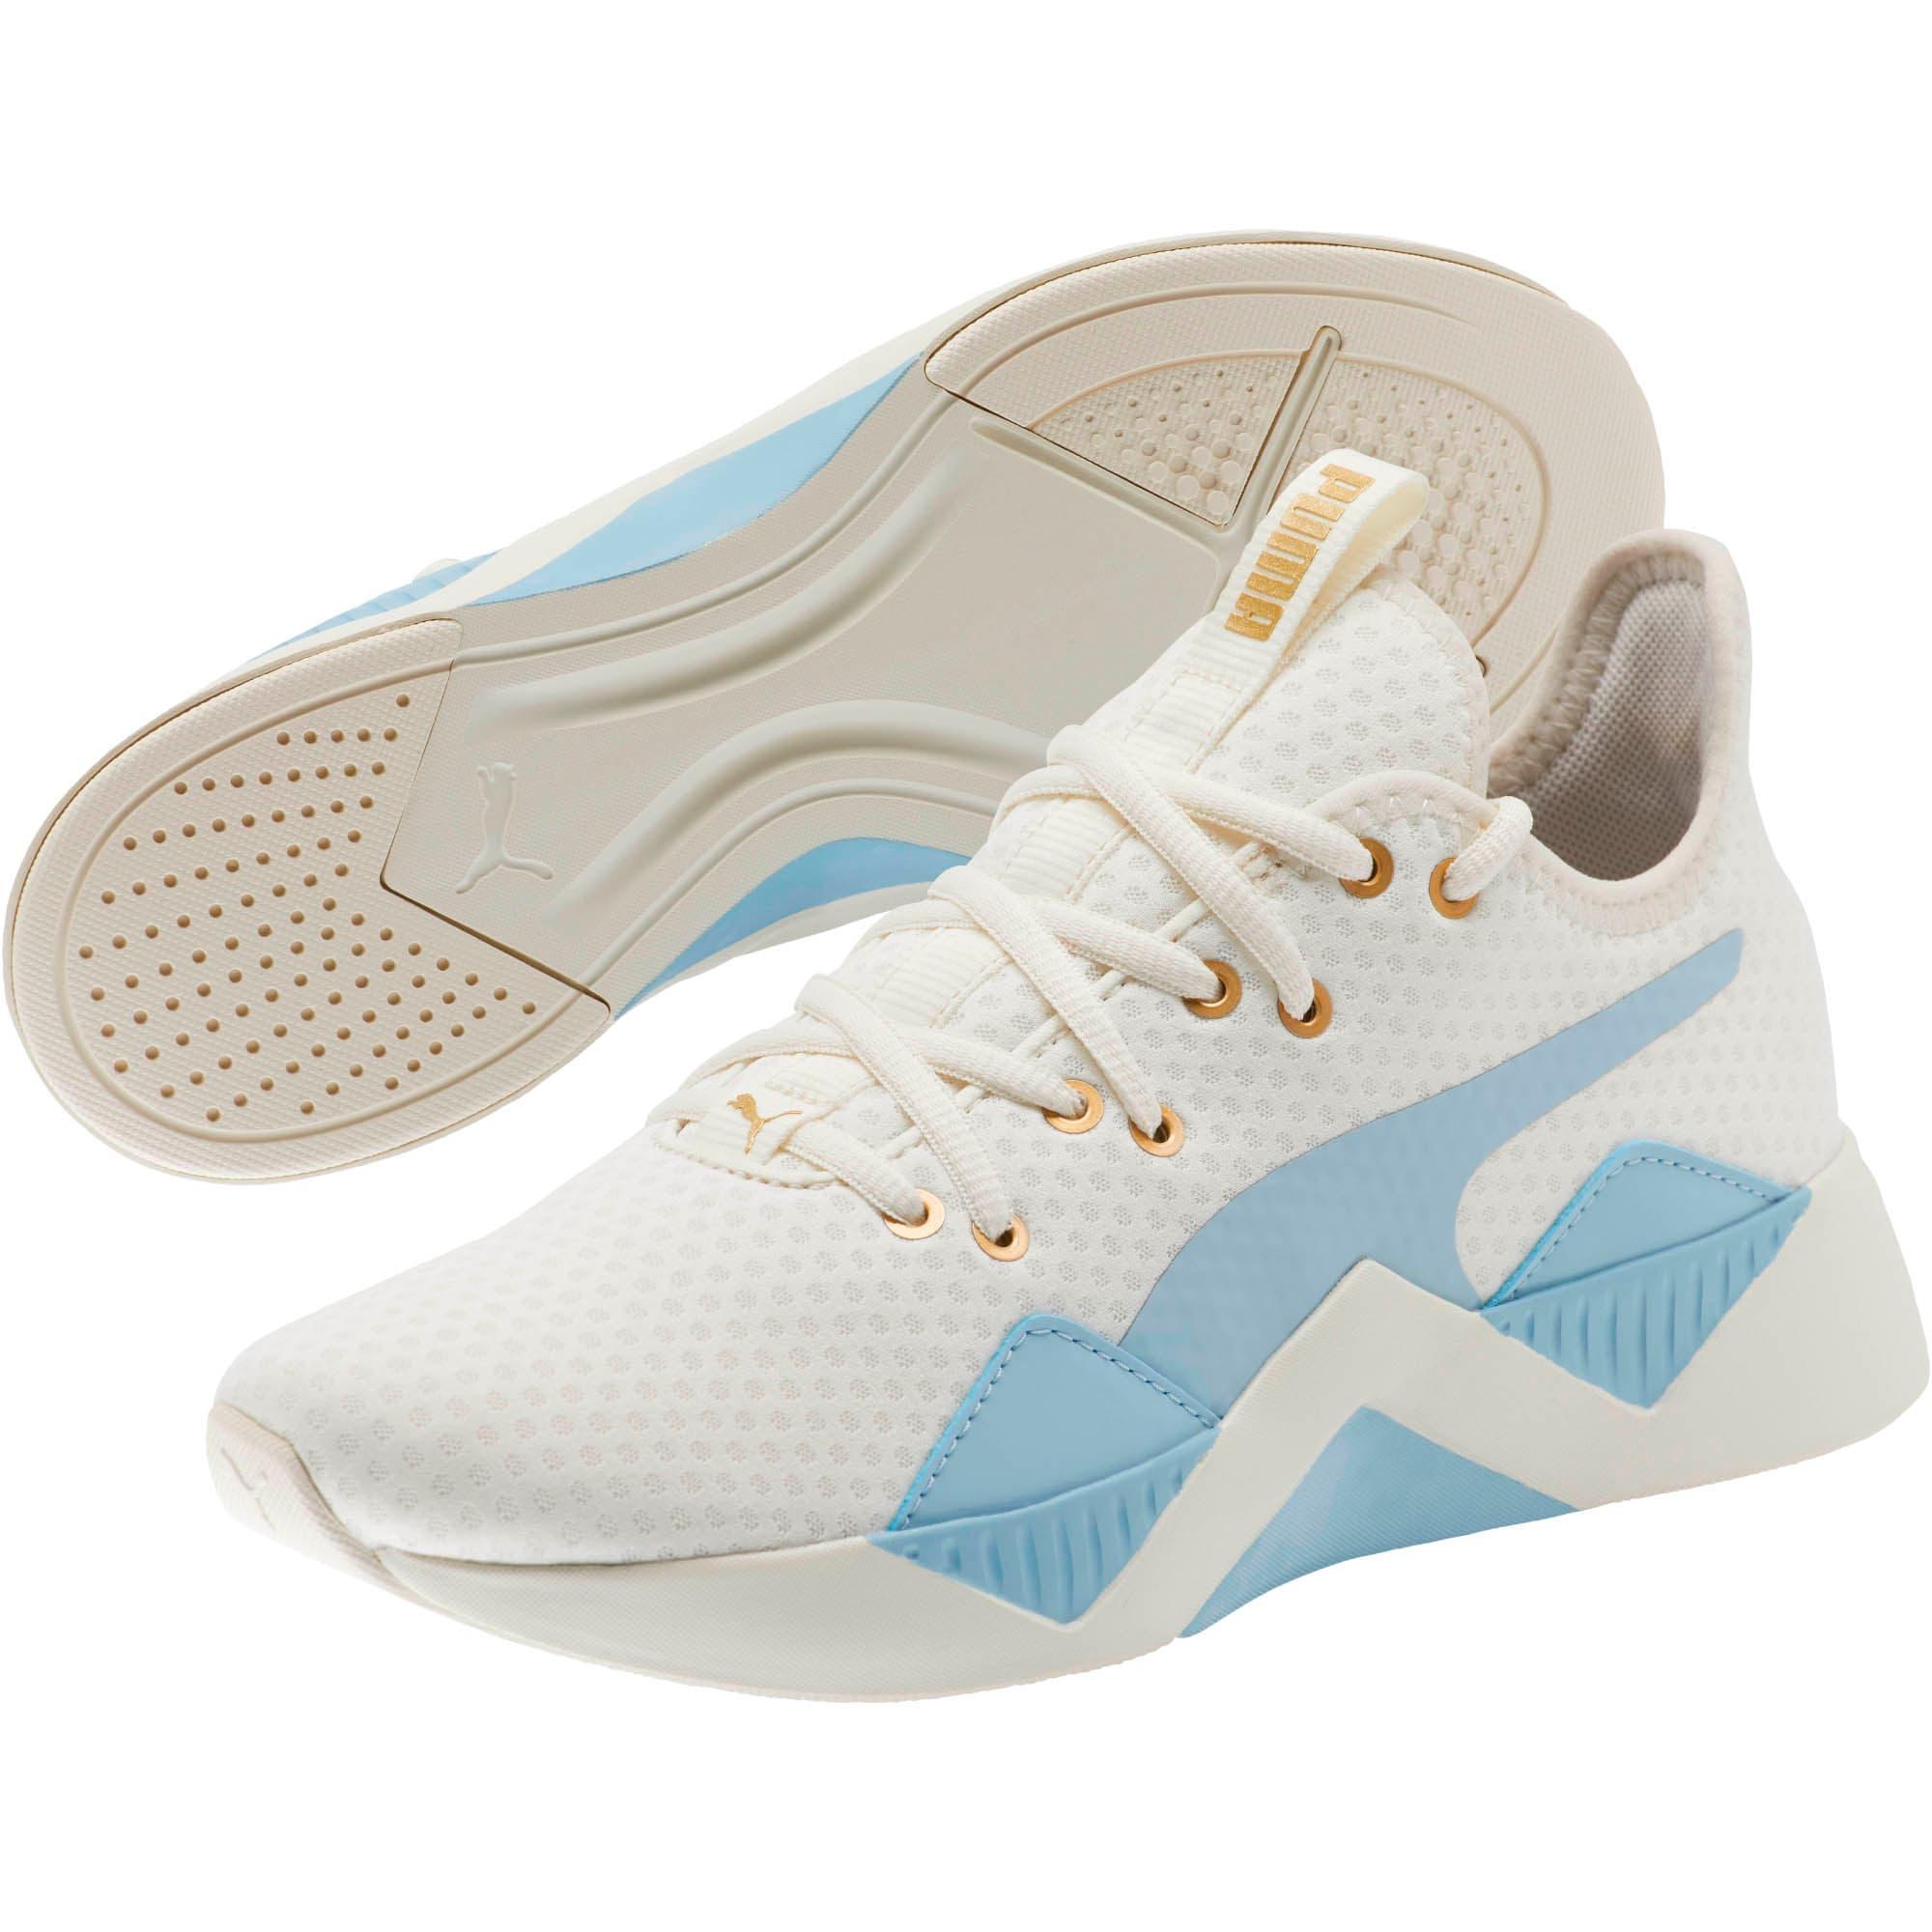 Thumbnail 2 of Incite Sweet Women's Training Shoes, Whisper White-Light Sky, medium